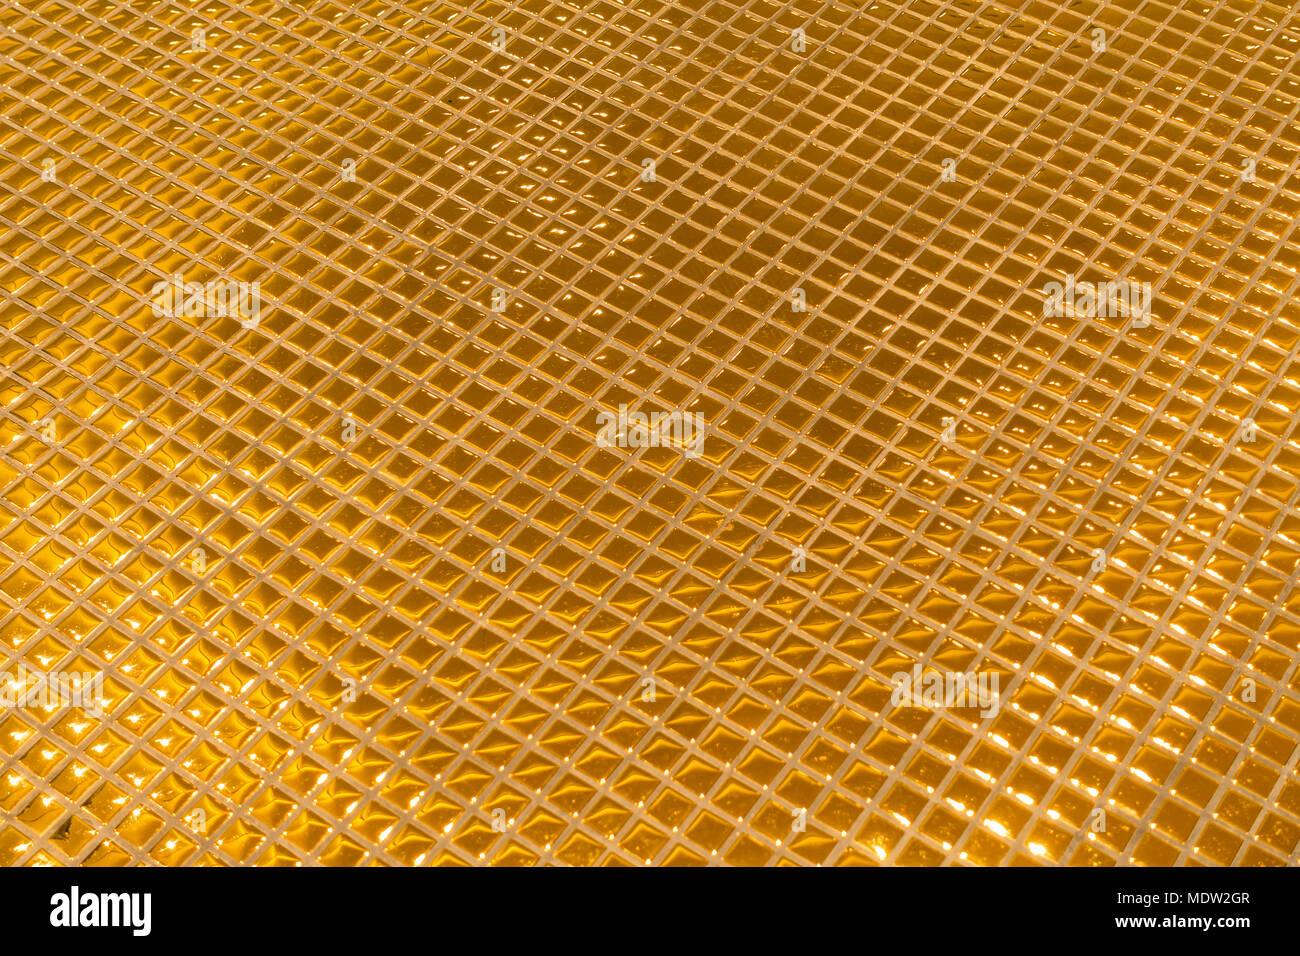 La texture della ceramica per pavimenti a mosaico di piastrelle